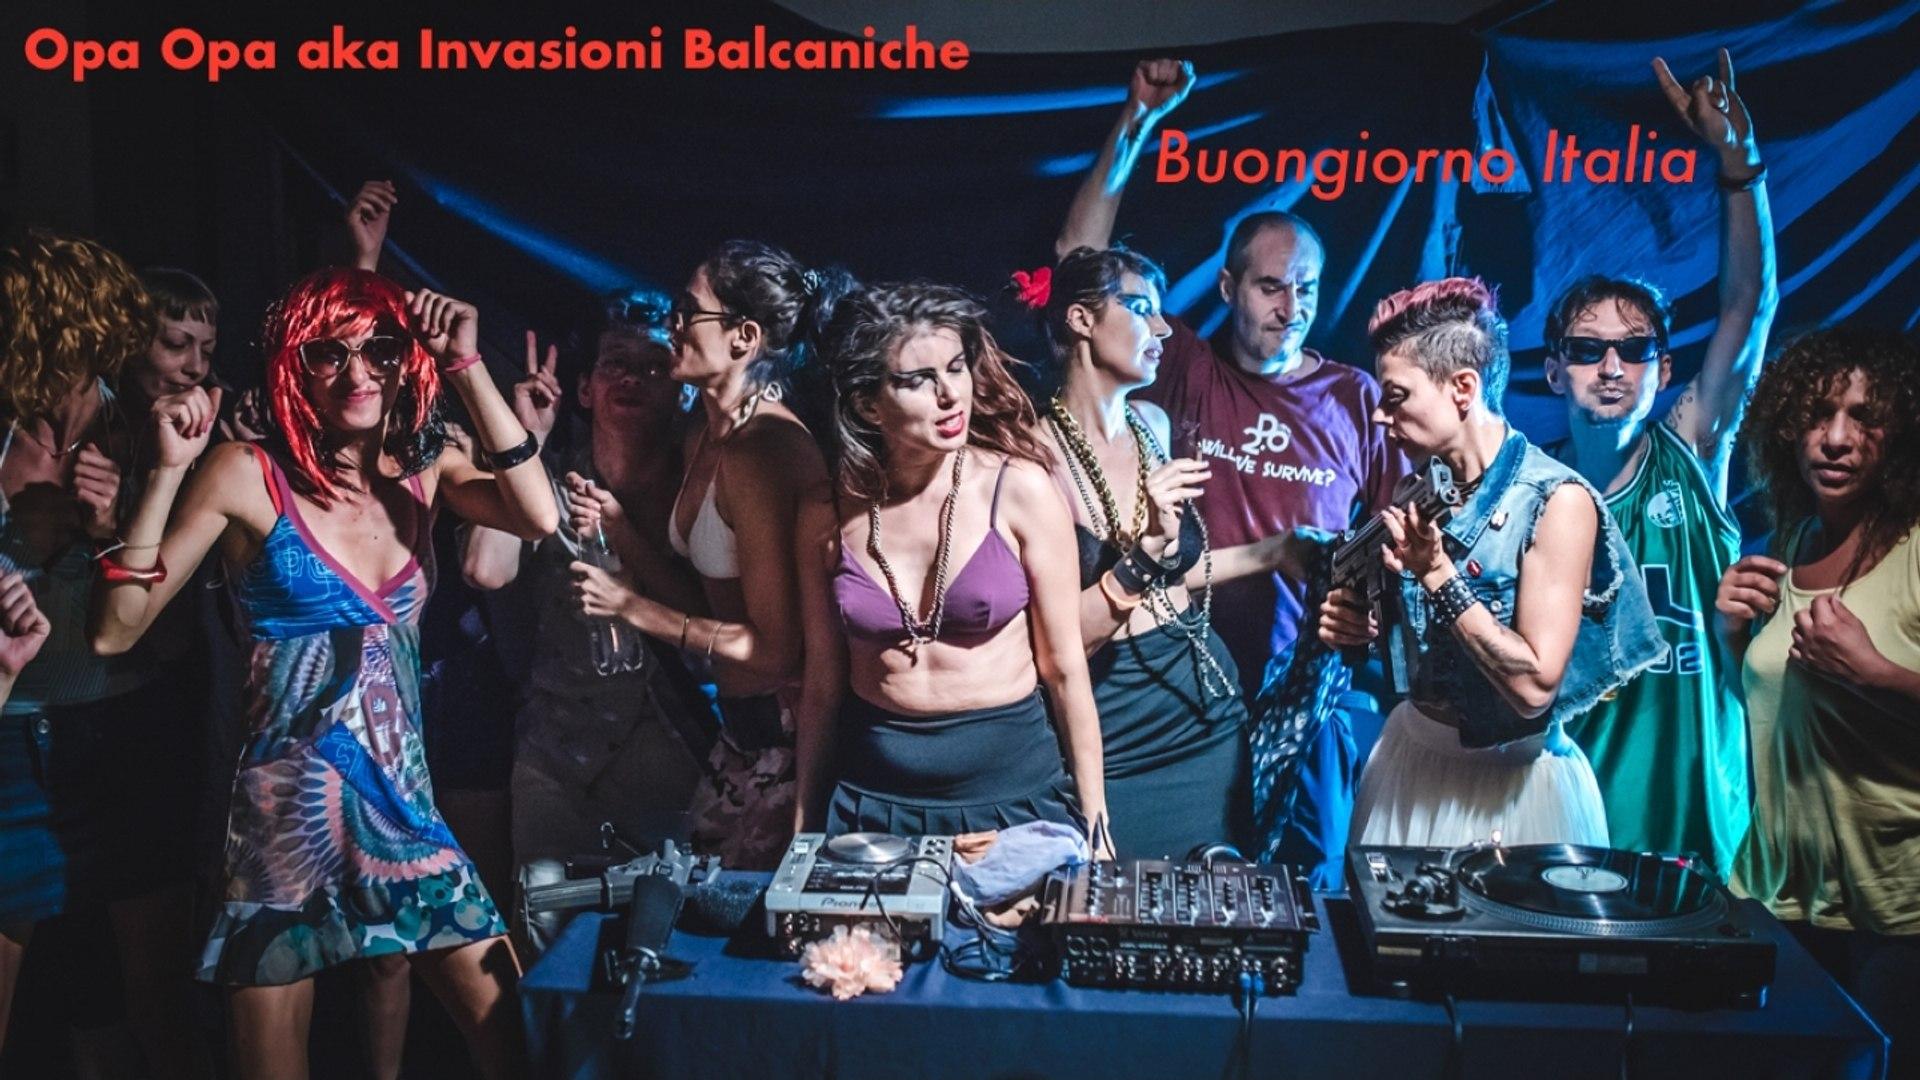 Opa Opa aka Invasioni Balcaniche Ft. Balkan Invasions - Buongiorno Italia (Official Video)